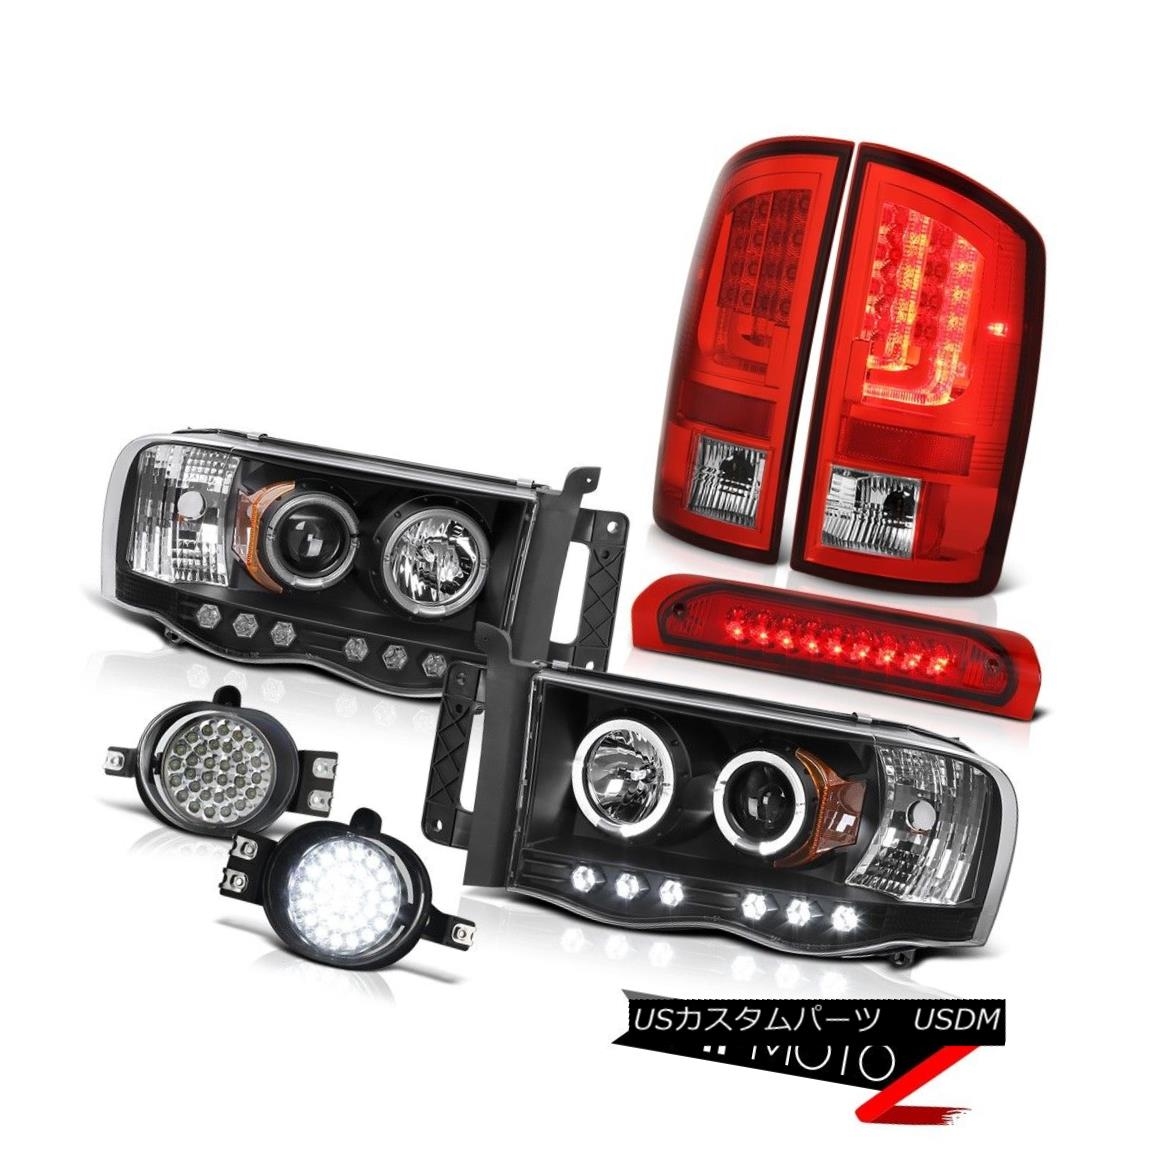 テールライト 2002-2005 Dodge Ram 1500 3.7L Red Taillamps Headlamps Fog Lights 3RD Brake Light 2002-2005 Dodge Ram 1500 3.7L赤いタイルランプヘッドランプフォグライト3RDブレーキライト